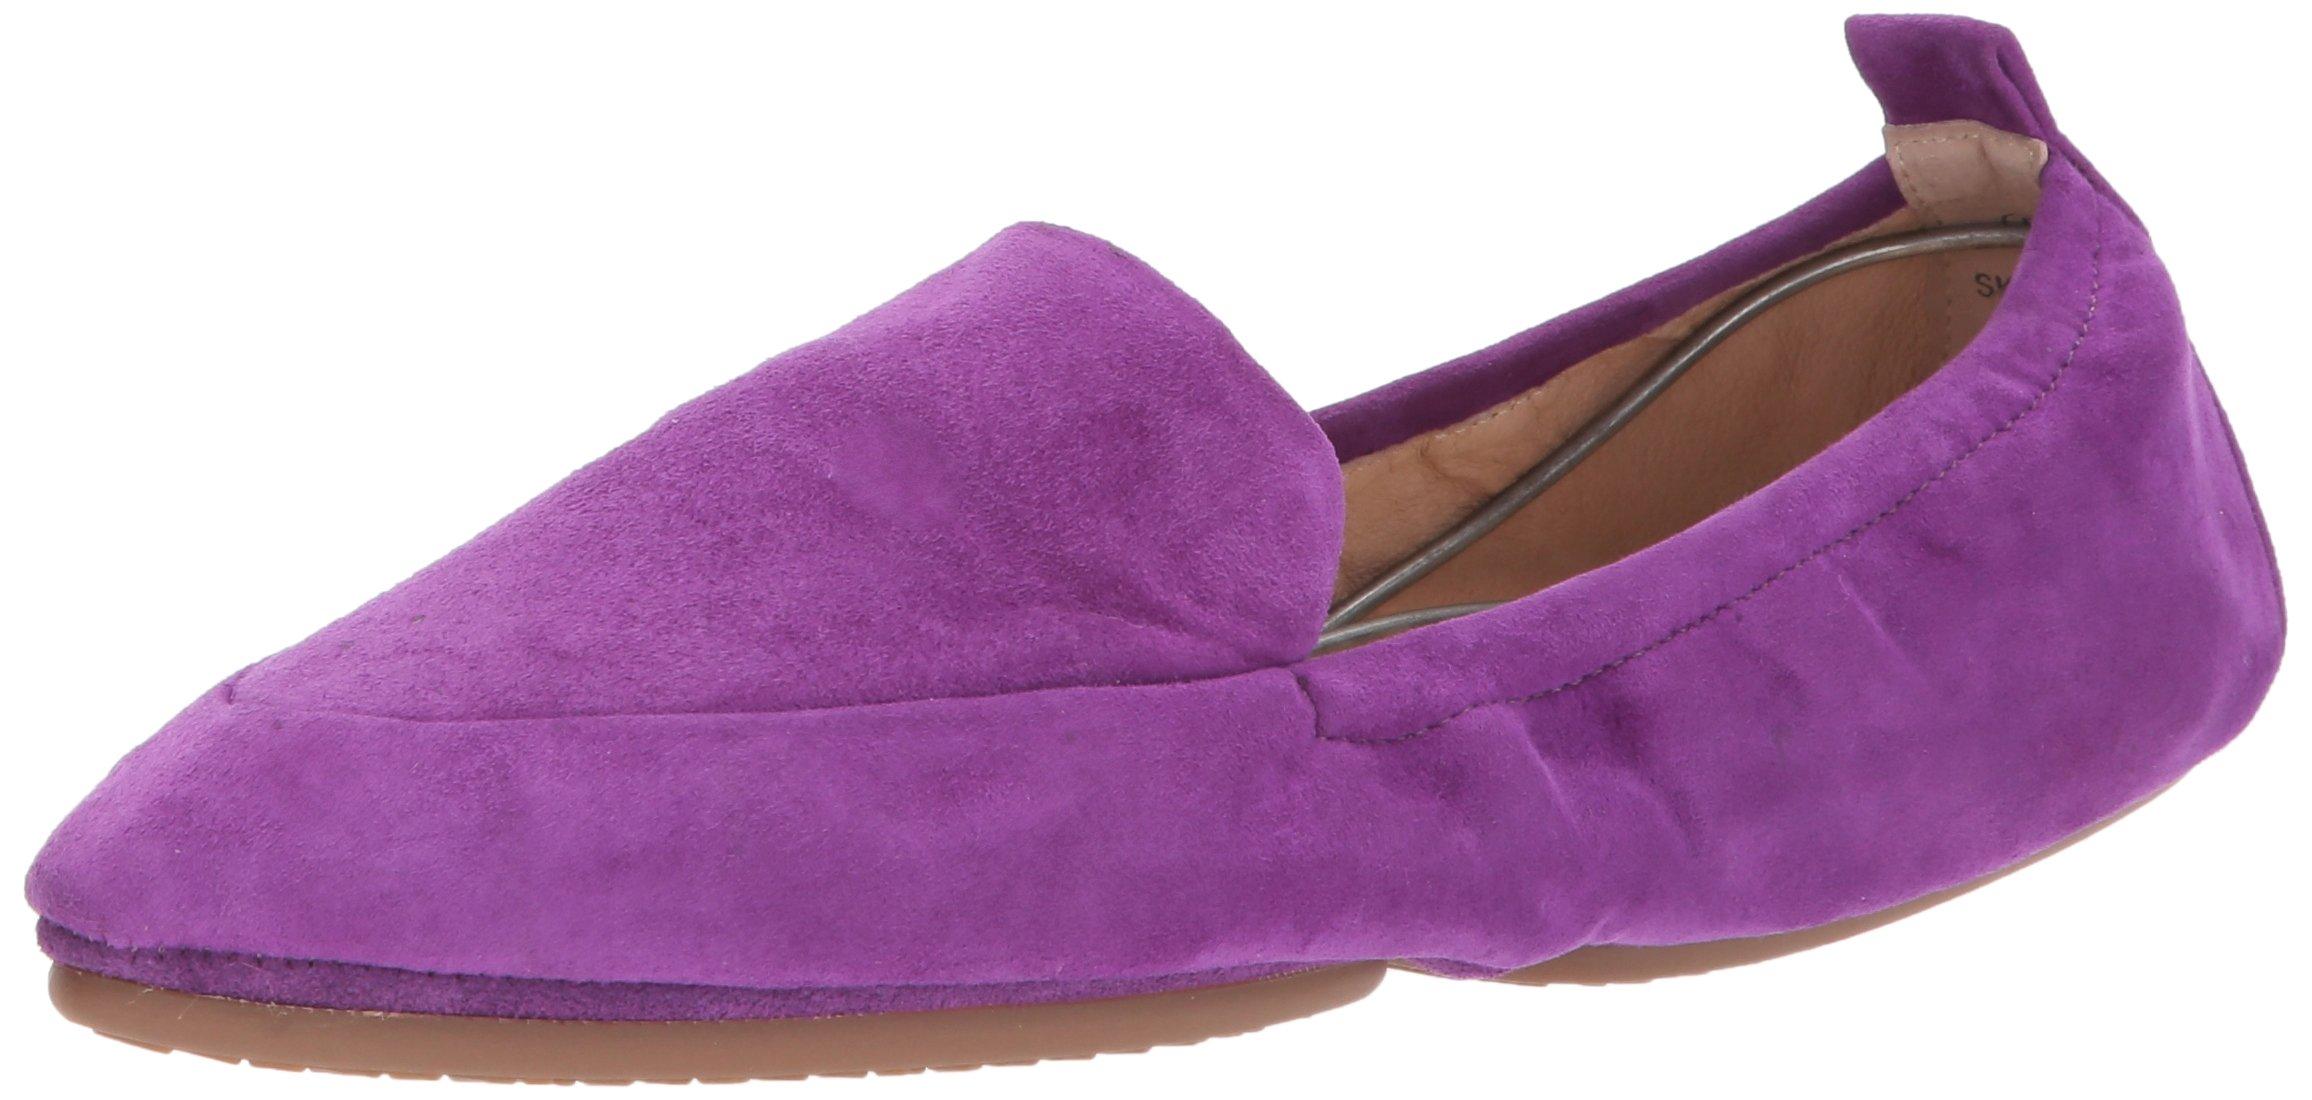 Yosi Samra Women's Skyler Ballet Flat, Purple Magic, 8 M US